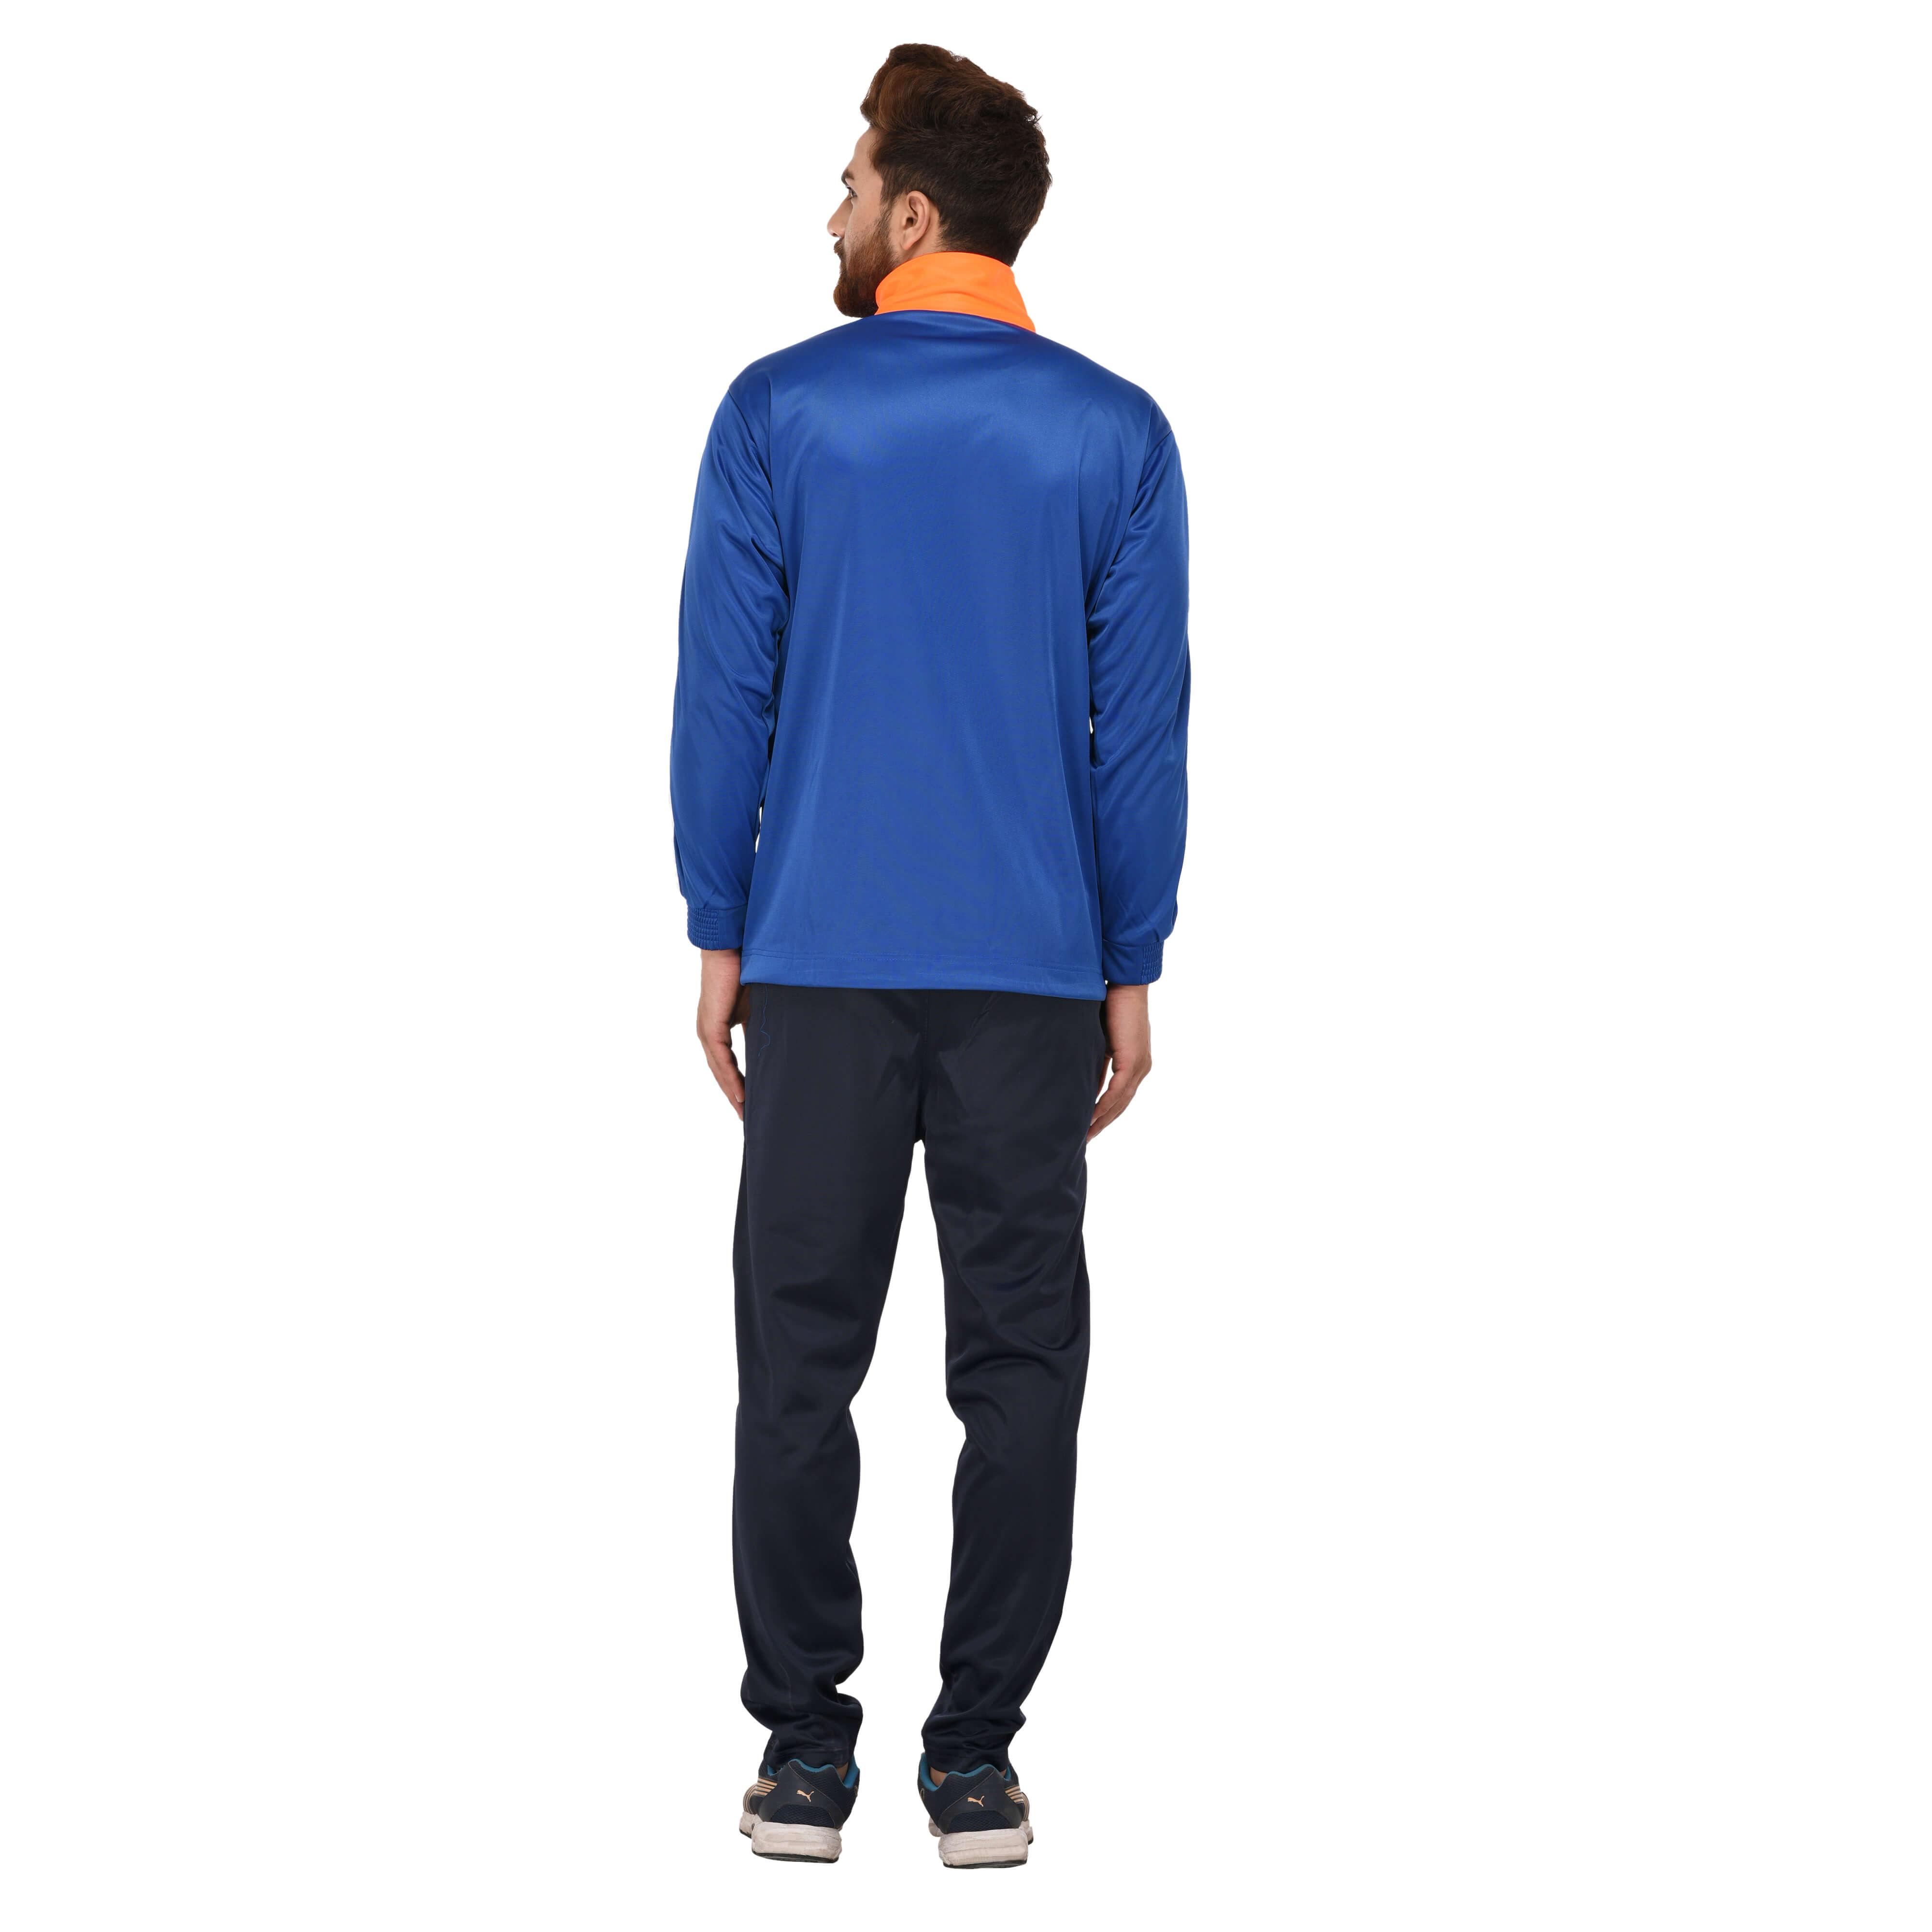 Sublimation Cricket Uniform Manufacturers, Wholesale Suppliers